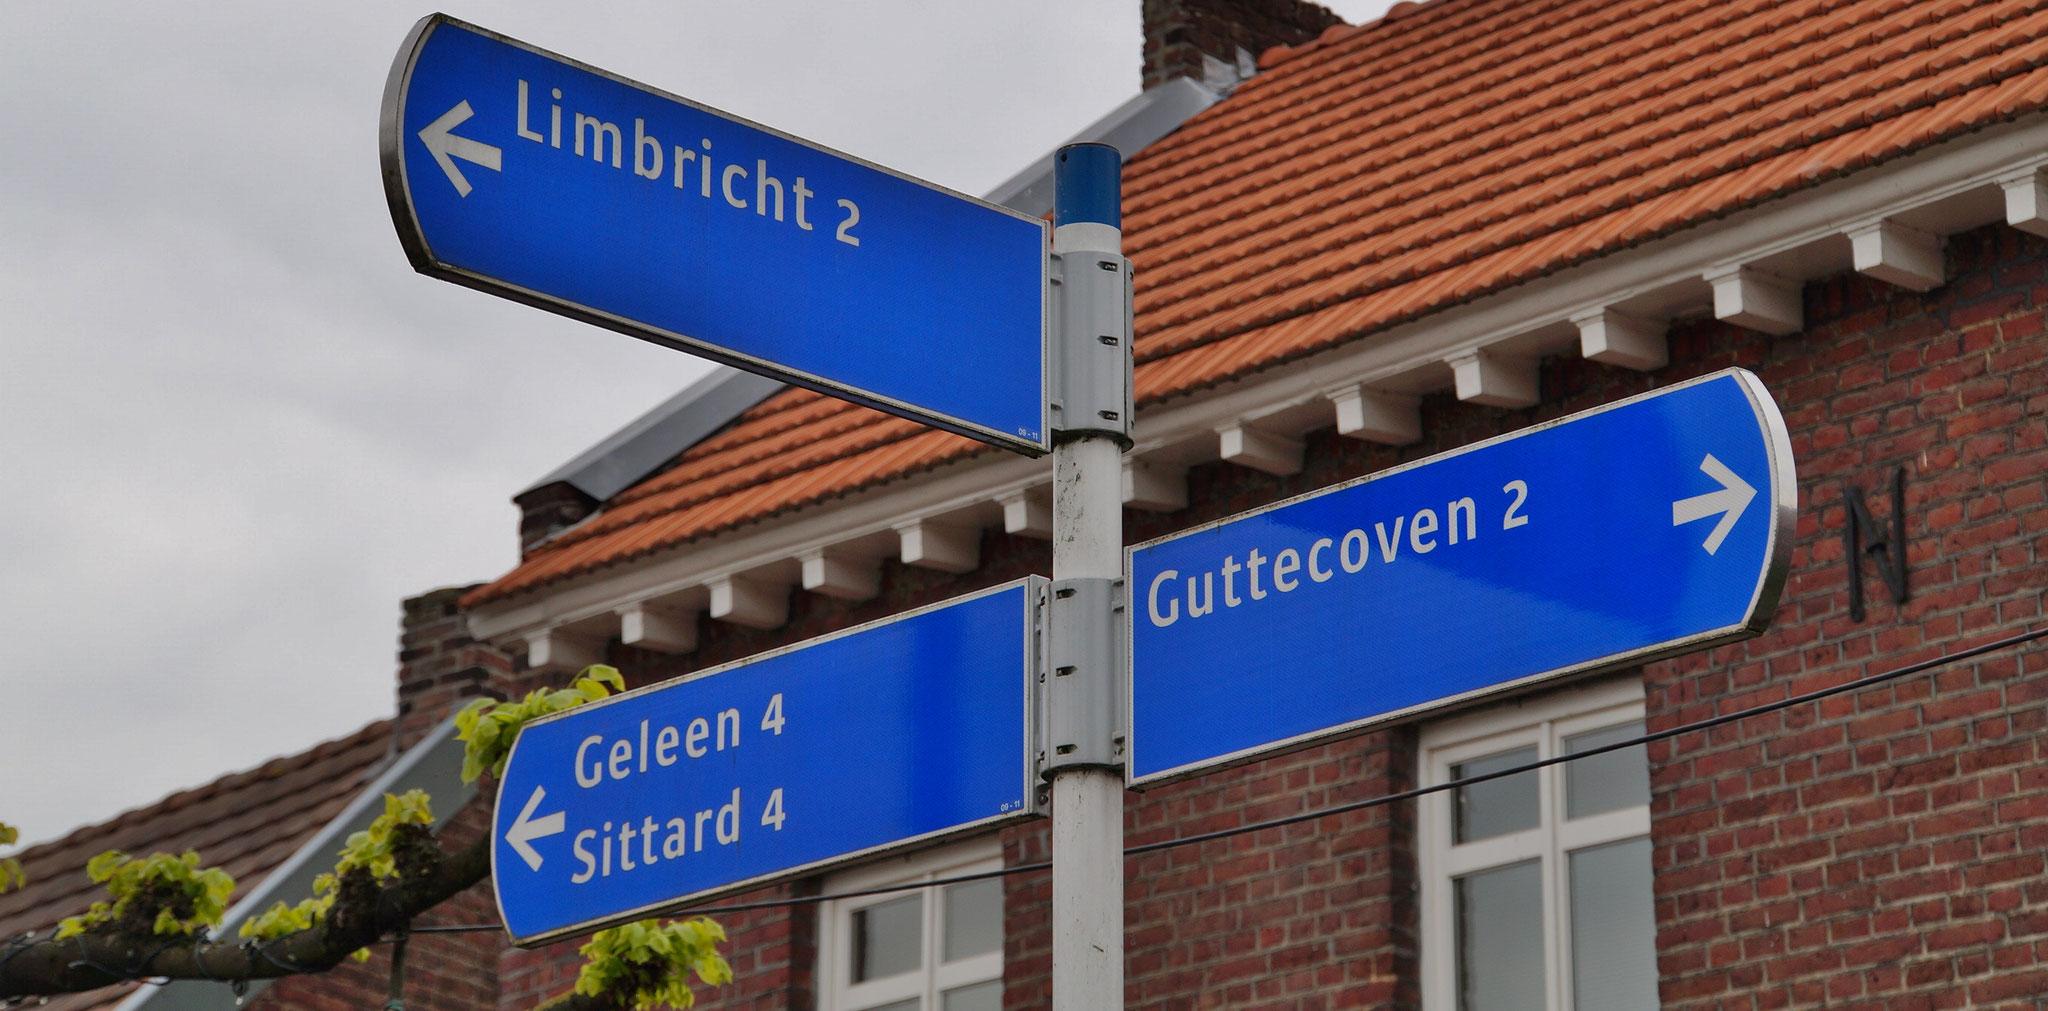 Wir fahren Richtung Limbricht (NL)